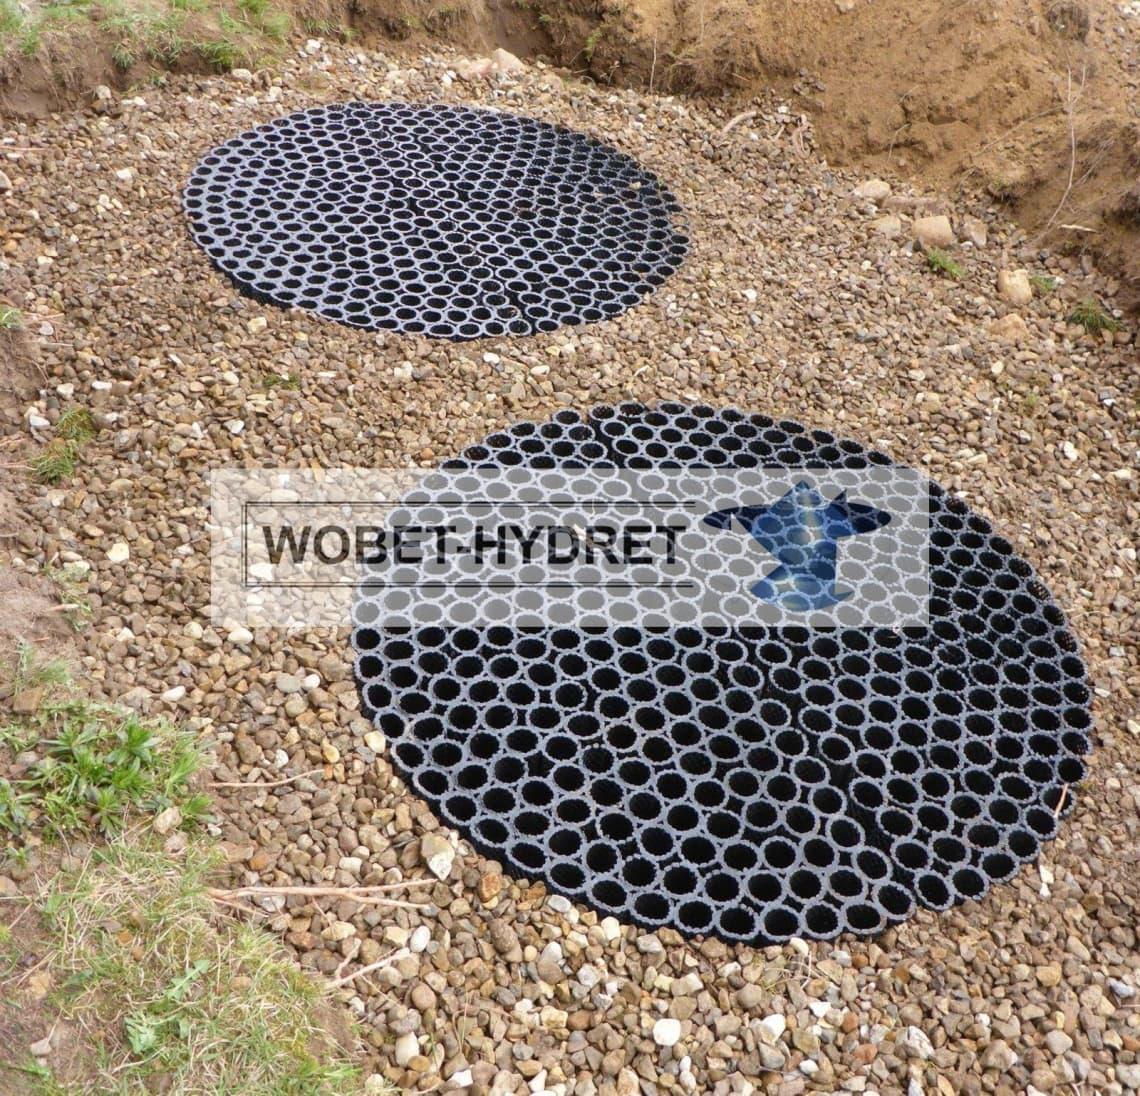 Zbiorniki na wodę deszczową Wobet-Hydret